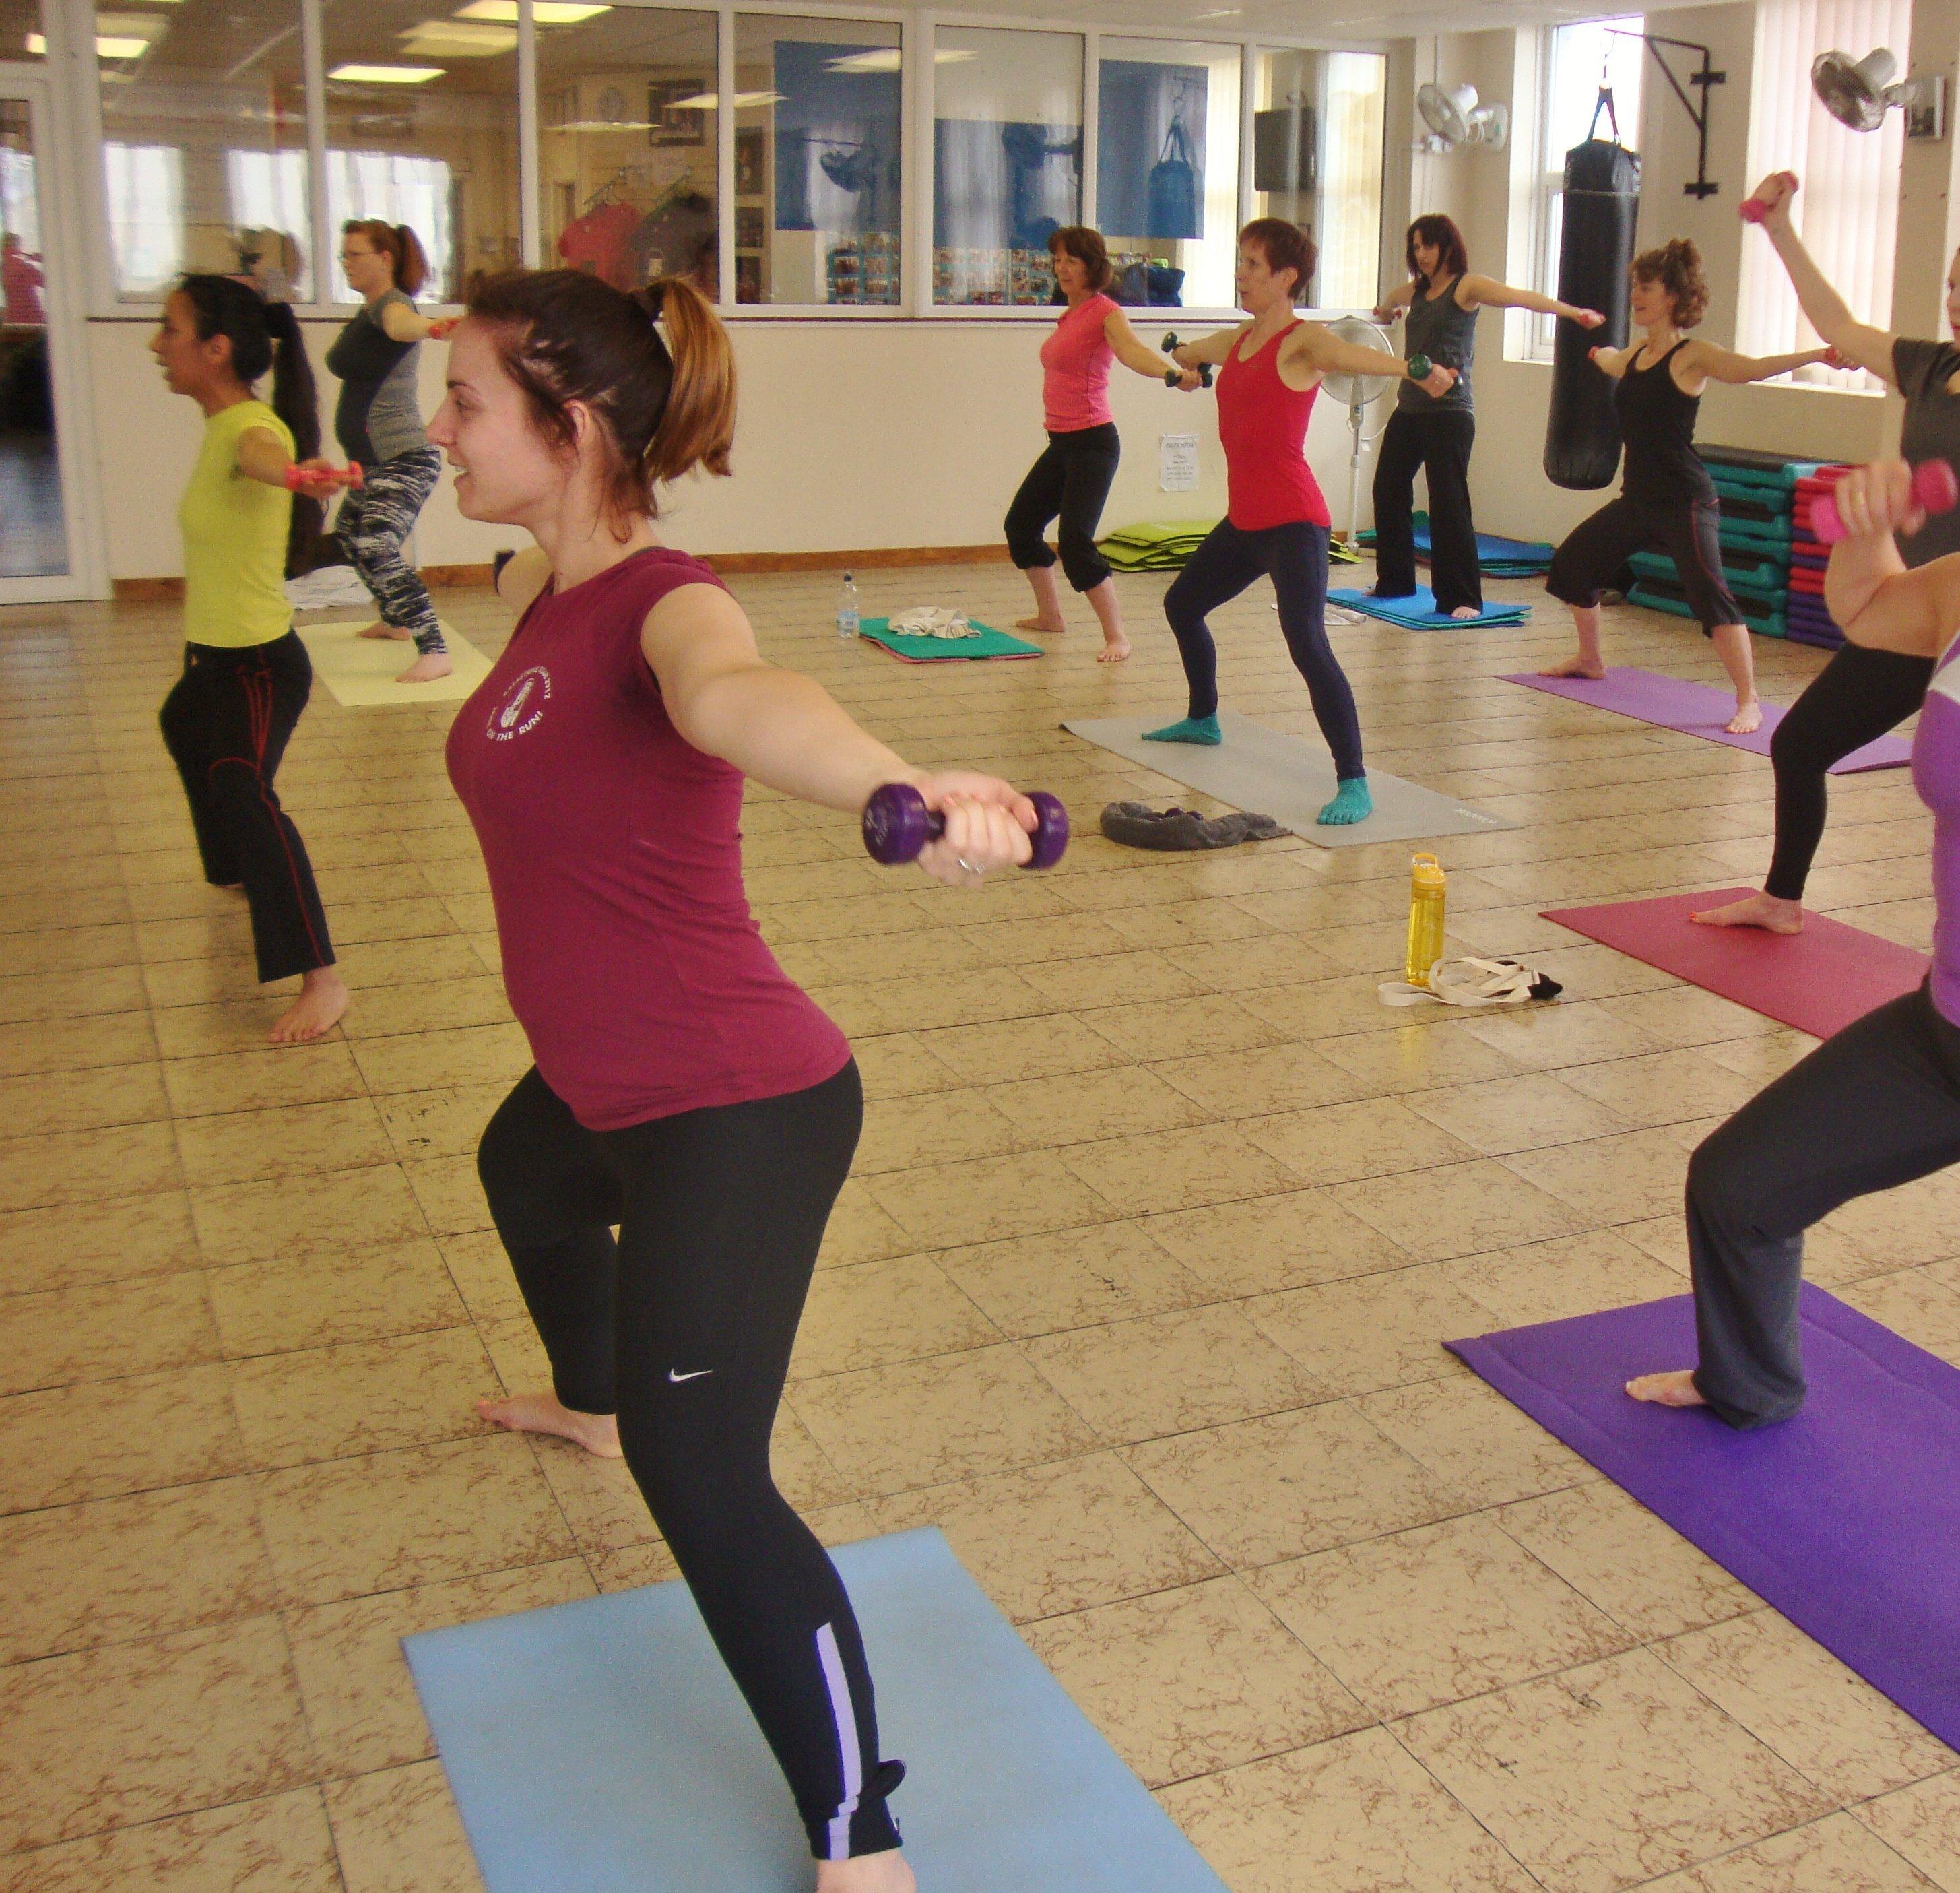 ladies at the aerobic centre